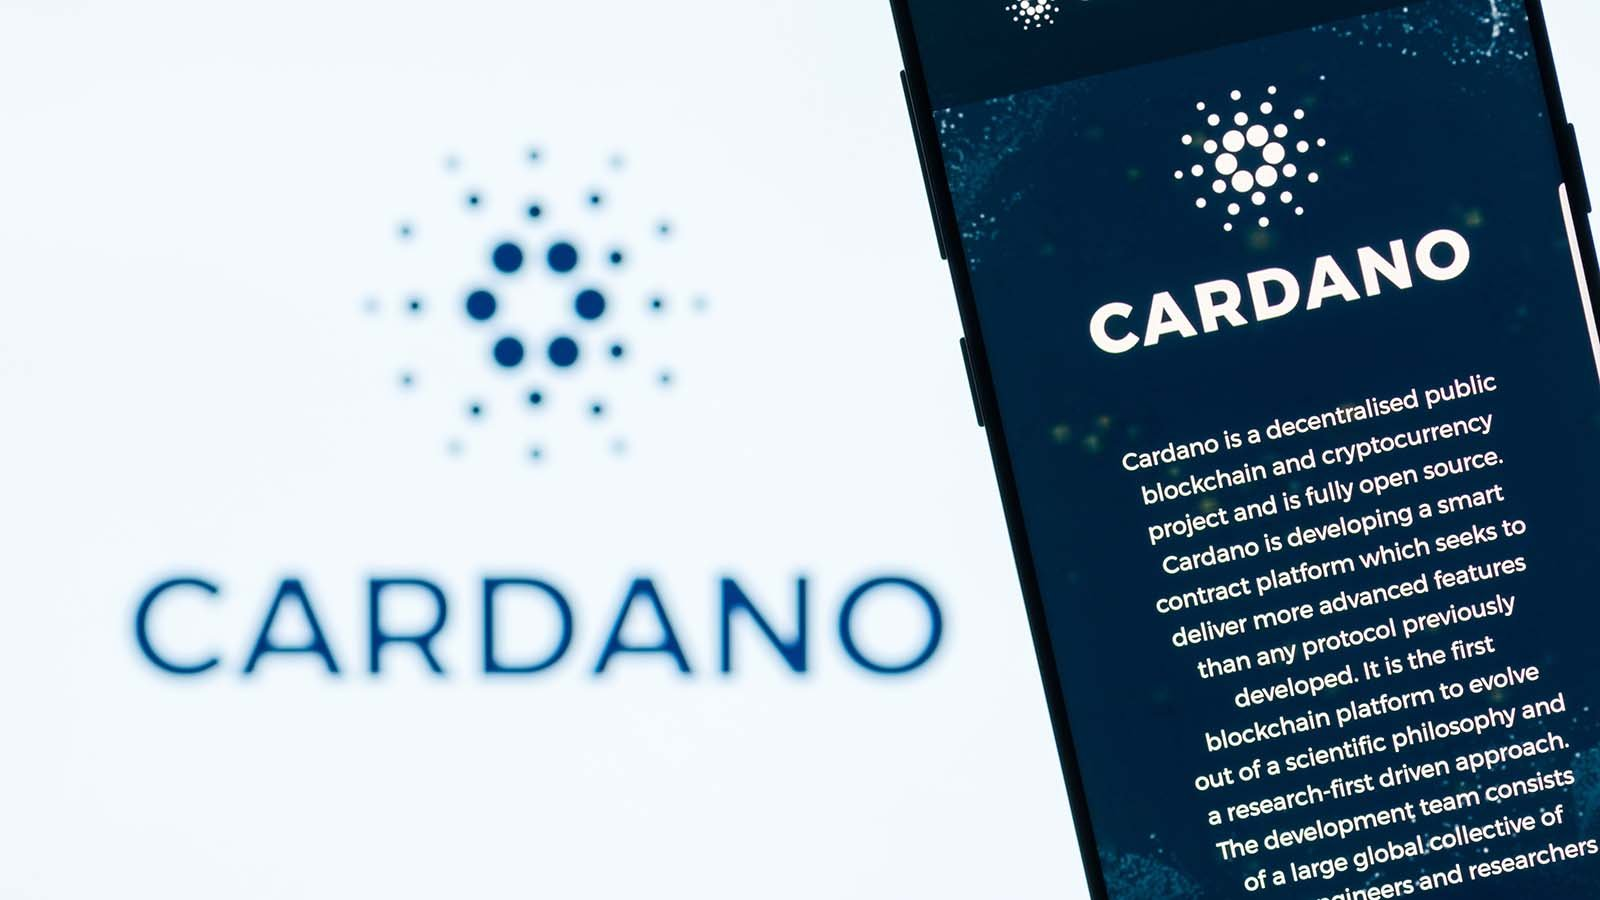 Predicciones del precio de Cardano: ¿Qué tan alto puede subir la criptografía de la ADA en 2021?